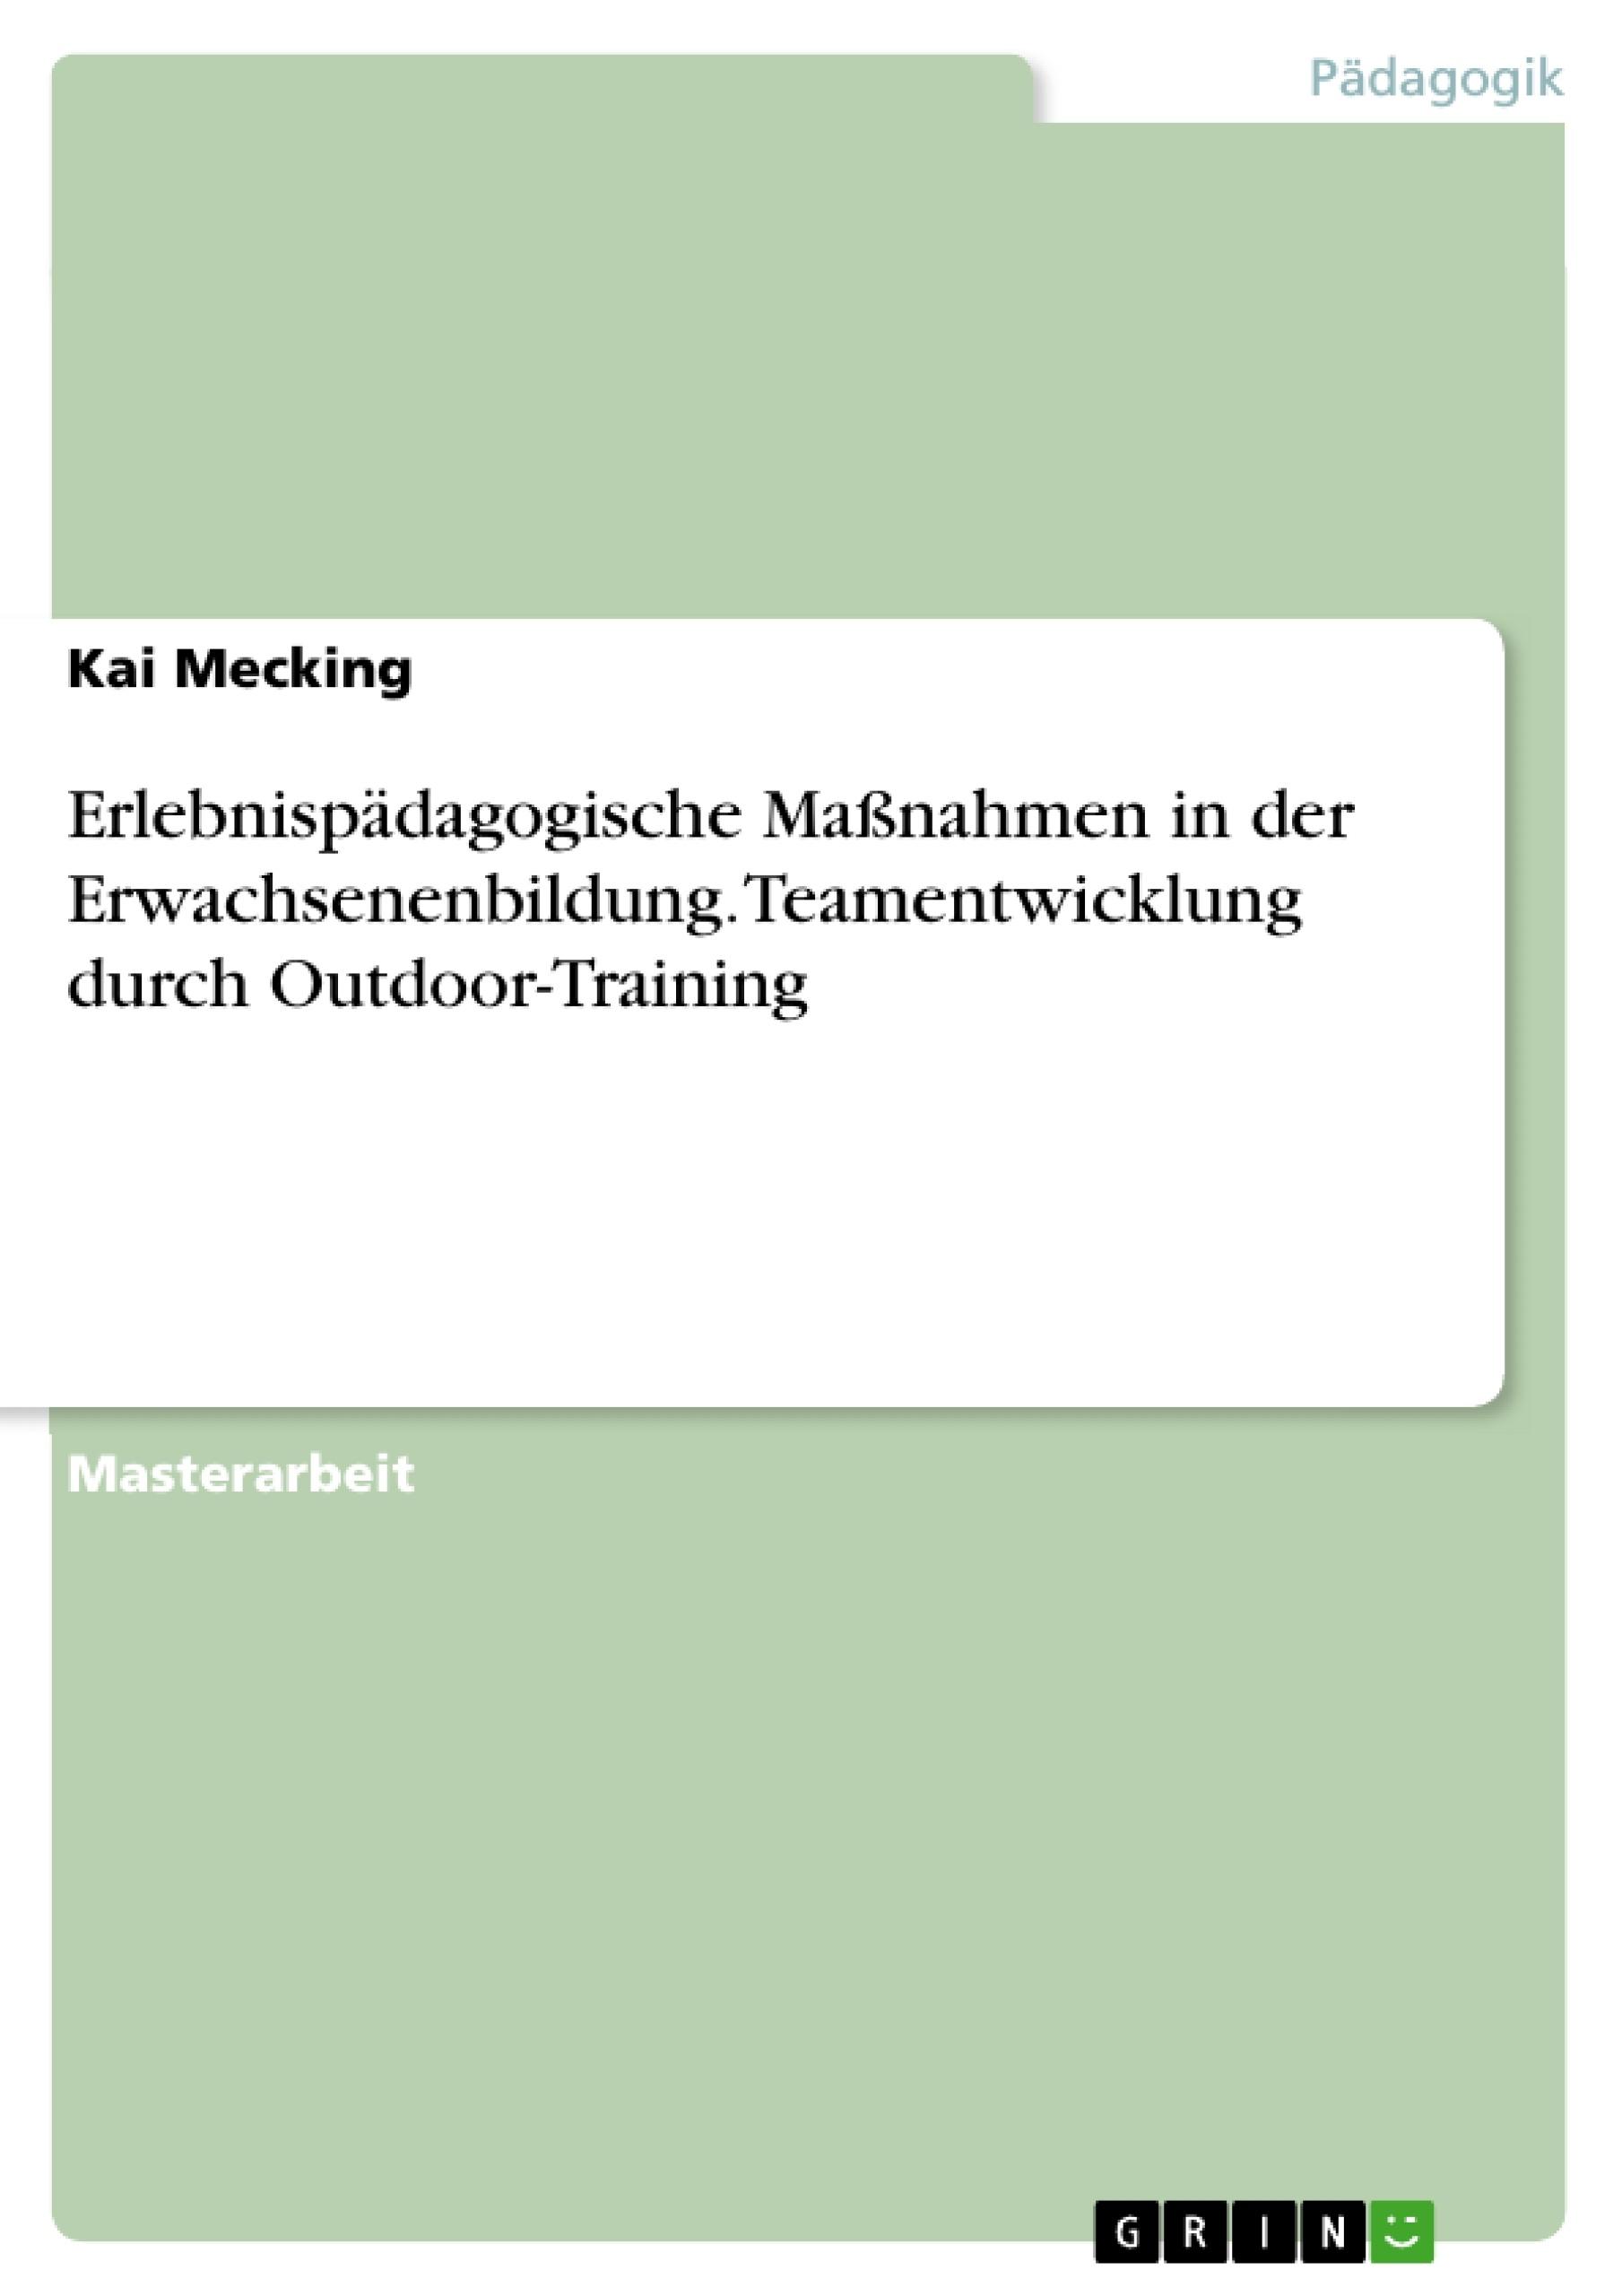 Titel: Erlebnispädagogische Maßnahmen in der Erwachsenenbildung. Teamentwicklung durch Outdoor-Training